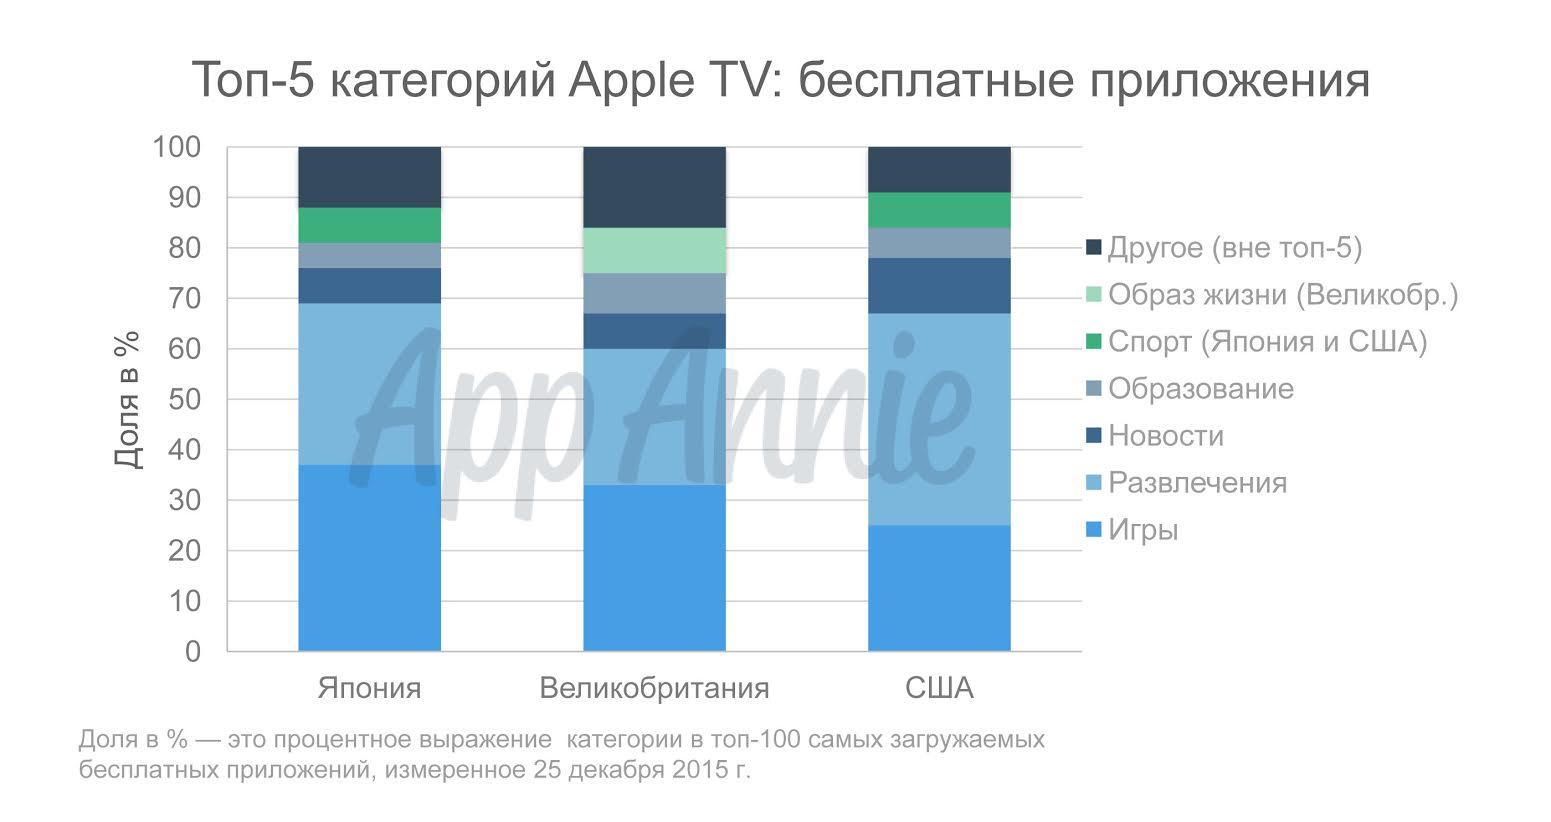 Топ-5 бесплатных приложений для iOS в США, Японии и Великобритании